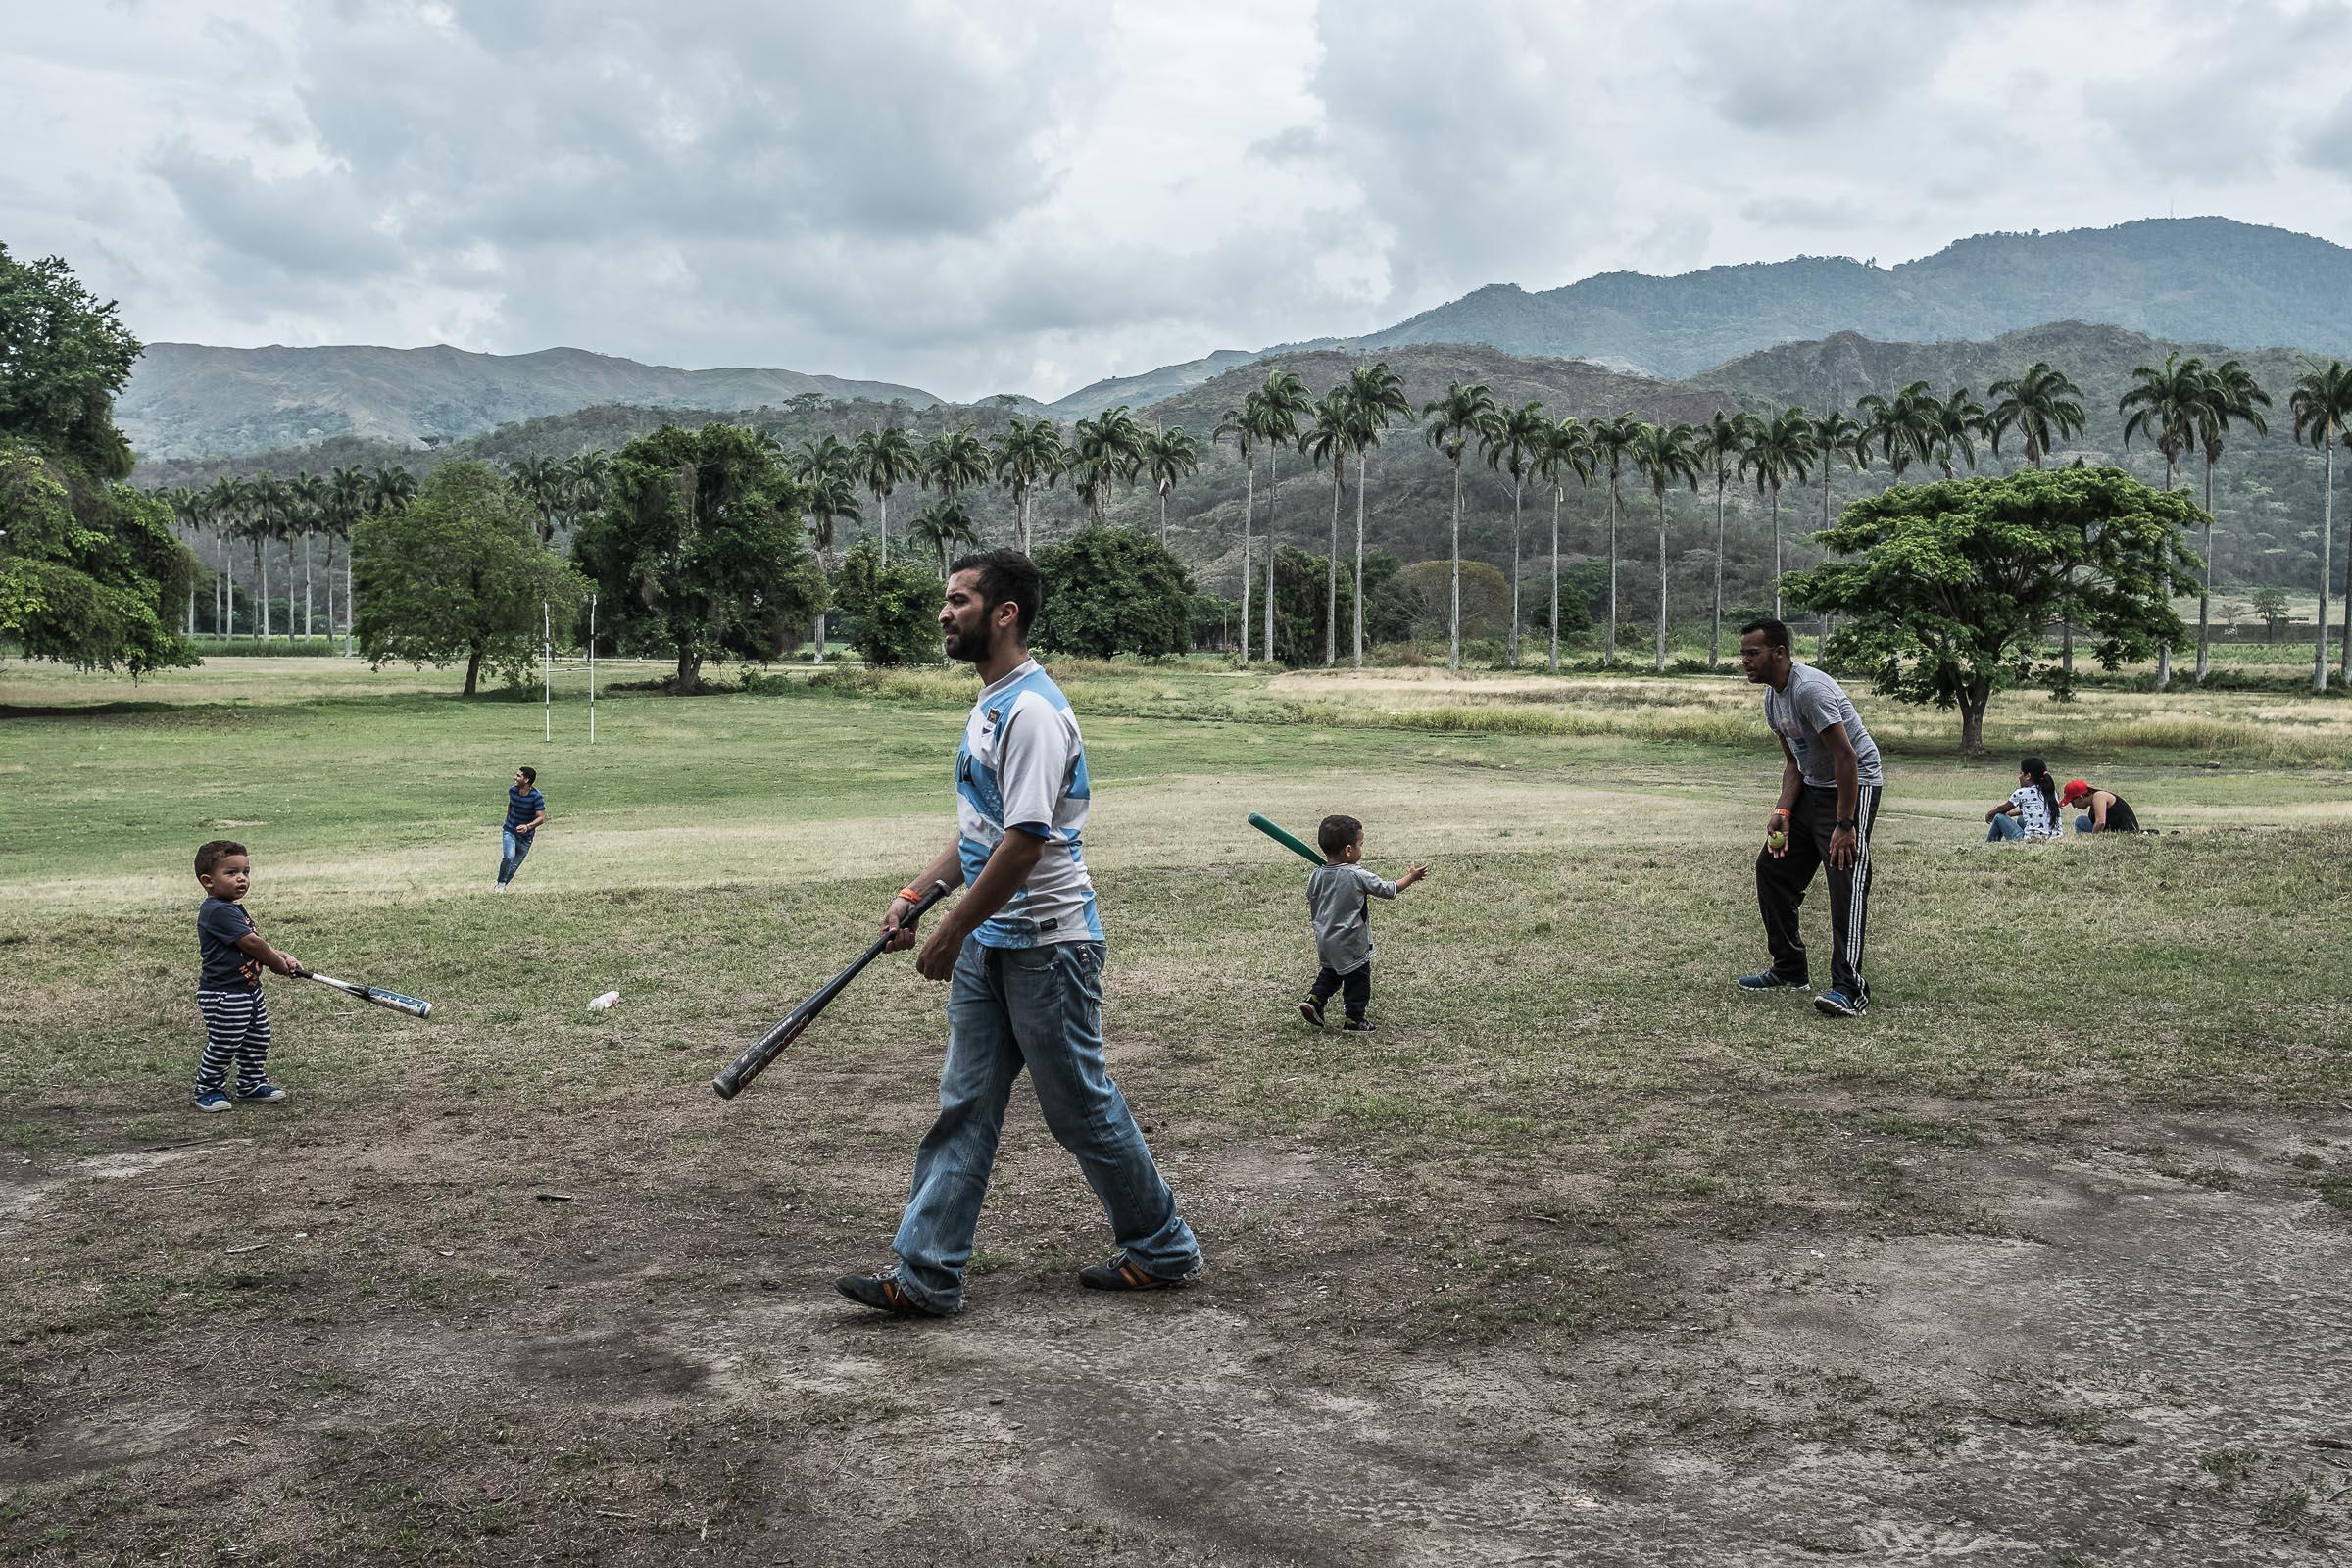 April 16, 2017 Victoria, Venezuela (Photo by Joris van Gennip/GroundTruth)